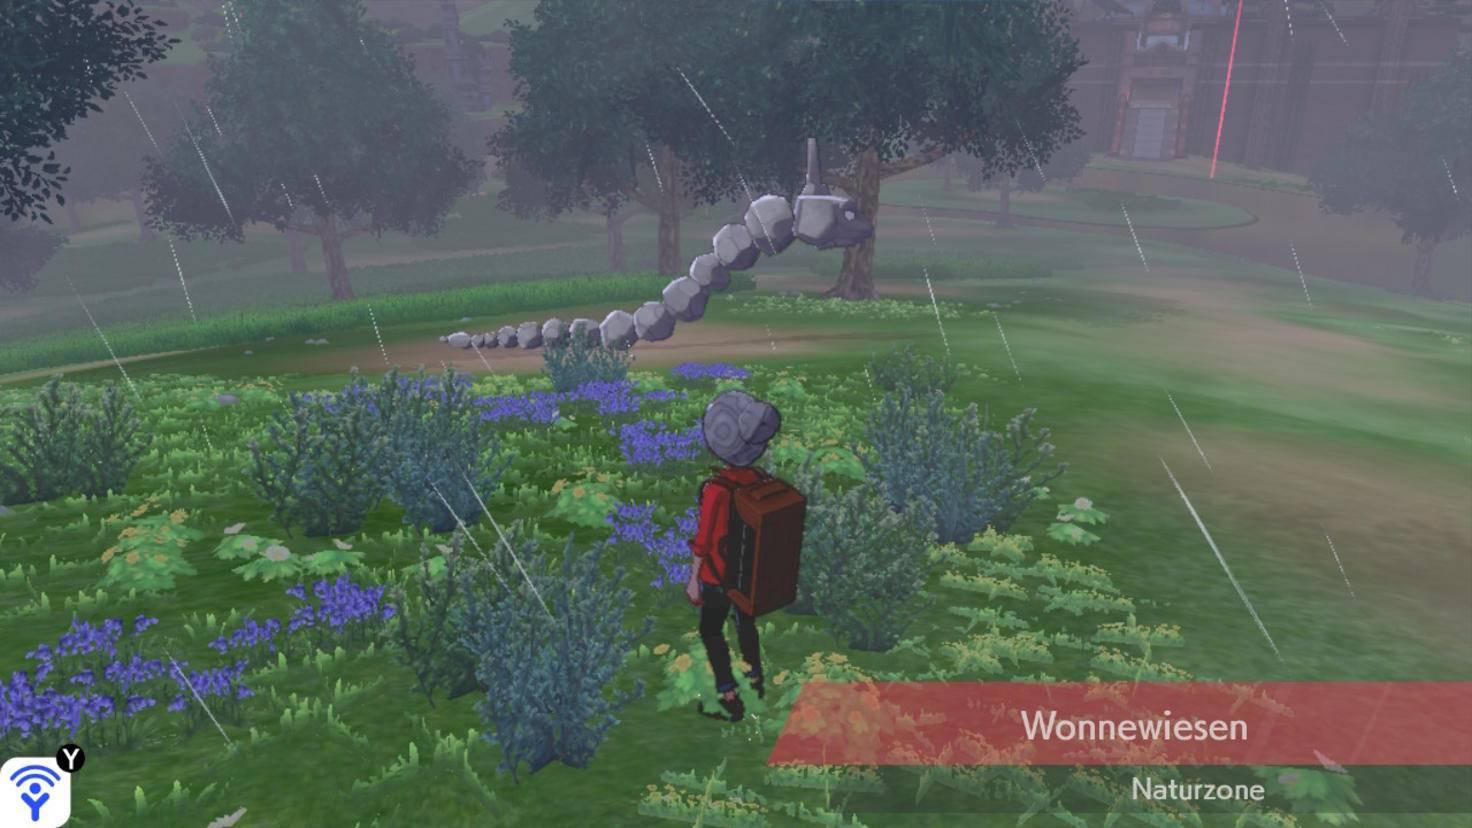 Auf dem Screenshot kommt's schlecht rüber, aber dieses Onix ploppt immer wieder ins Bild und dann wieder heraus.